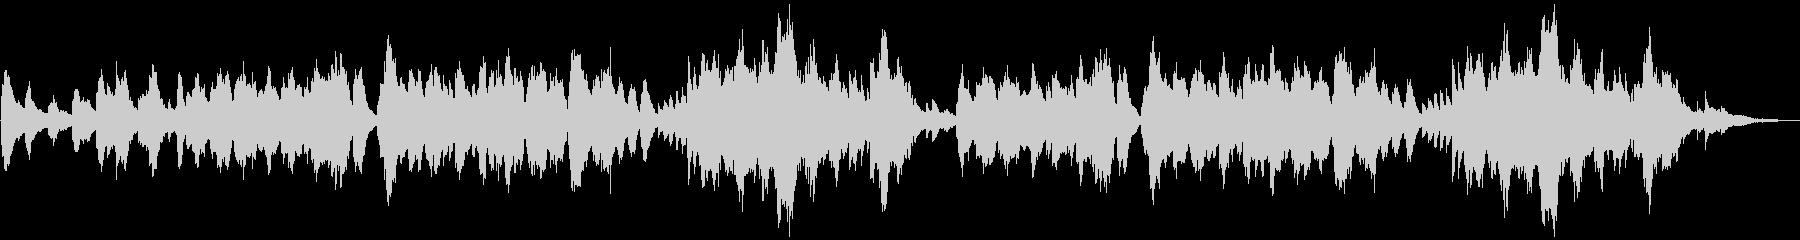 森・洞窟・神社 神秘的で仄暗いピアノの未再生の波形